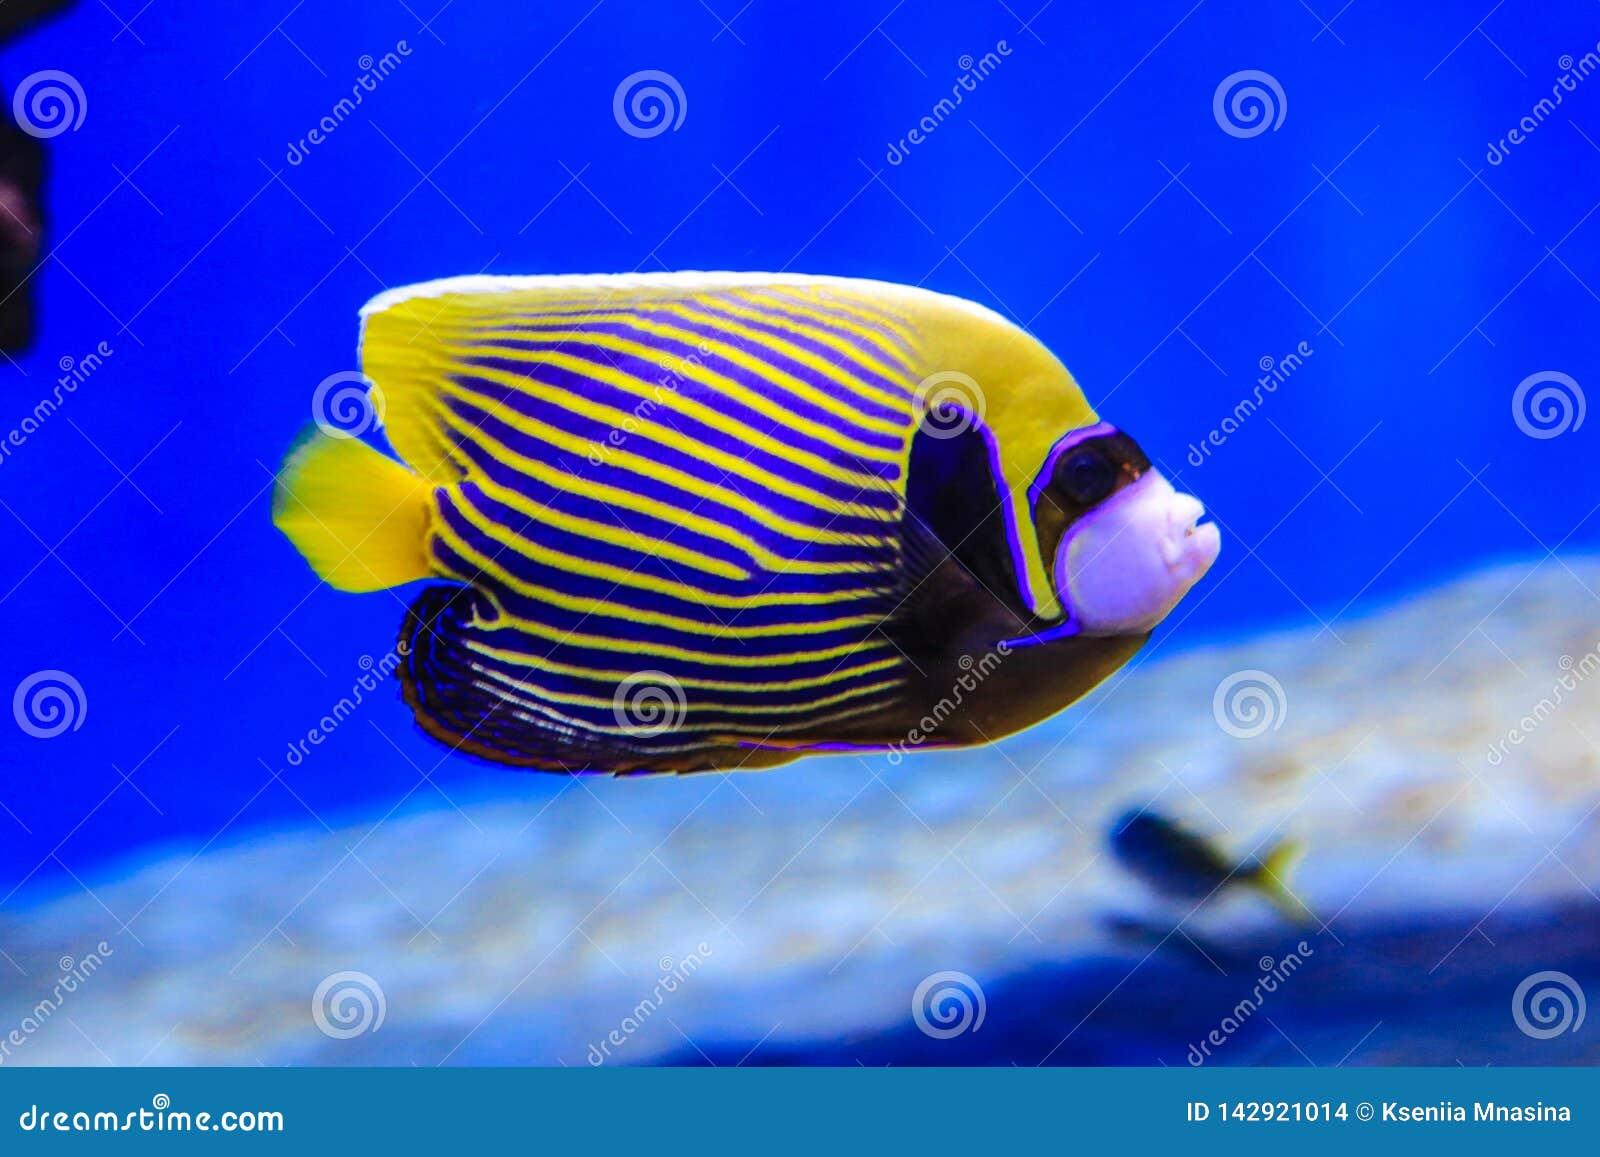 蝴蝶鱼在珊瑚背景的大海游泳